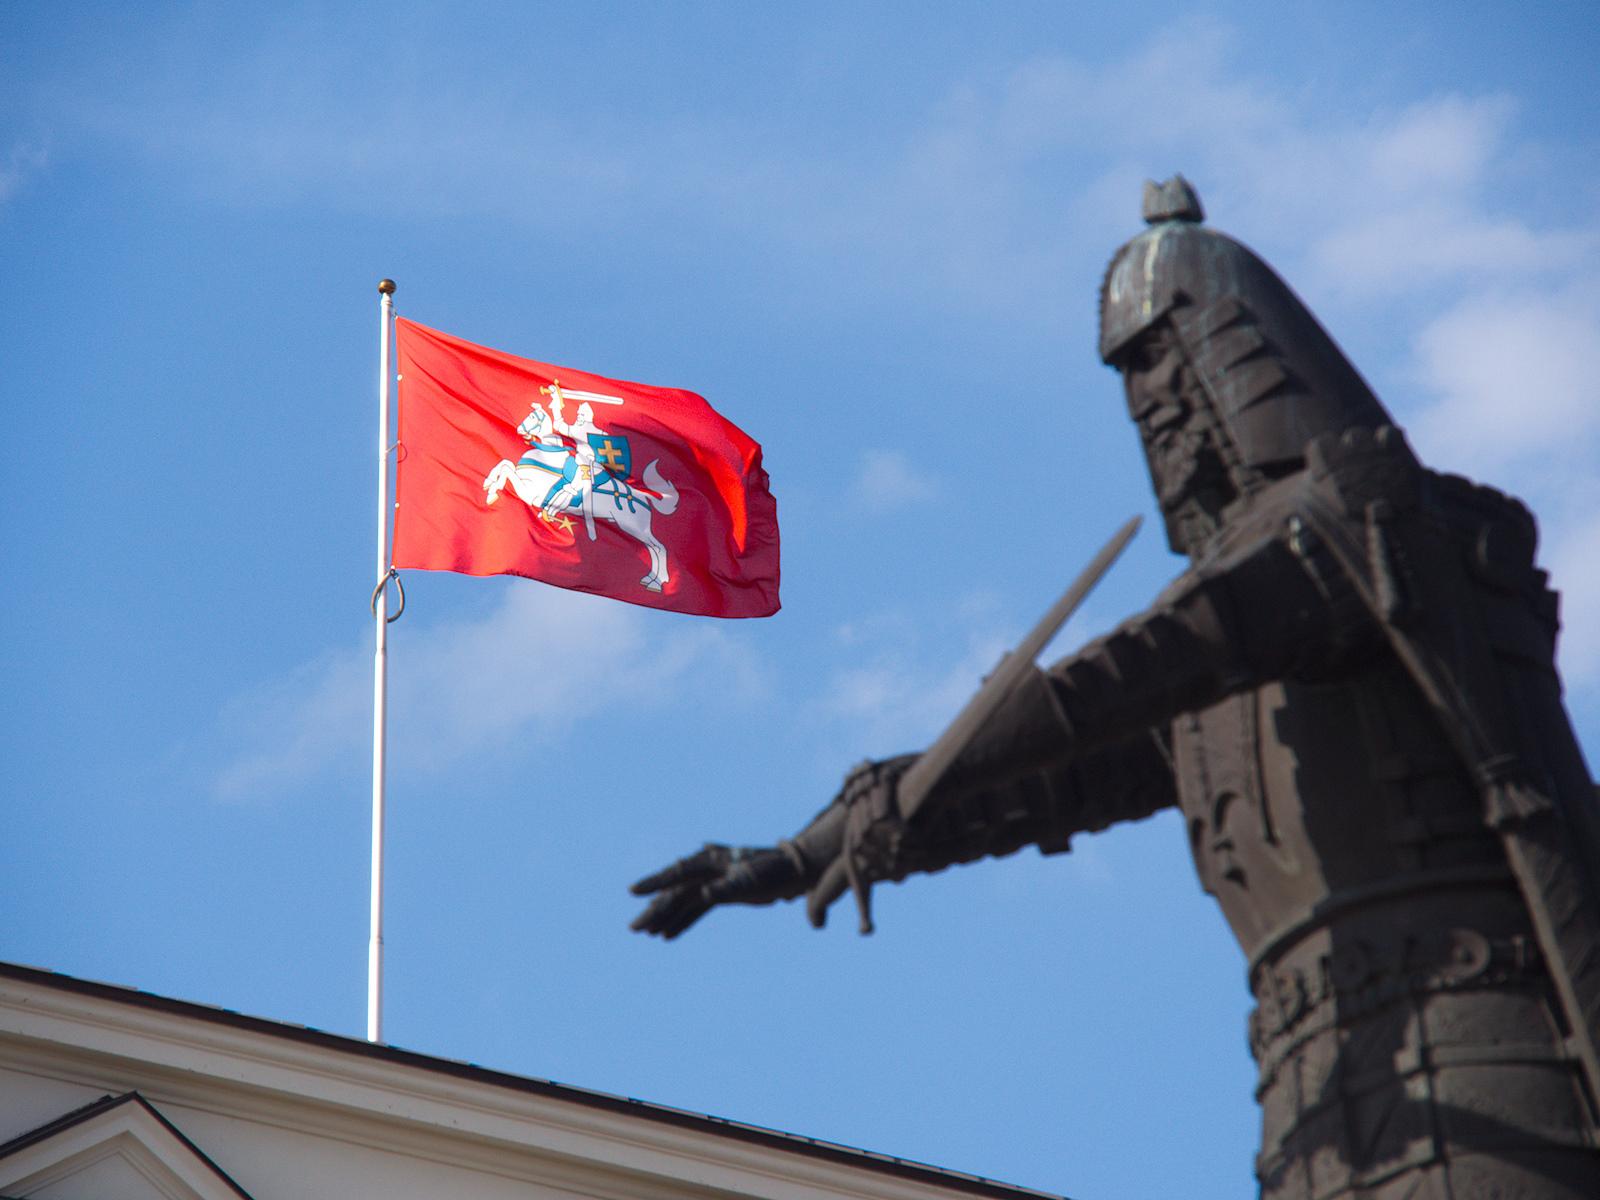 Vilius, monument à Gediminias. Photo Sarunas Burdulis sous Licence CC BY 2.0